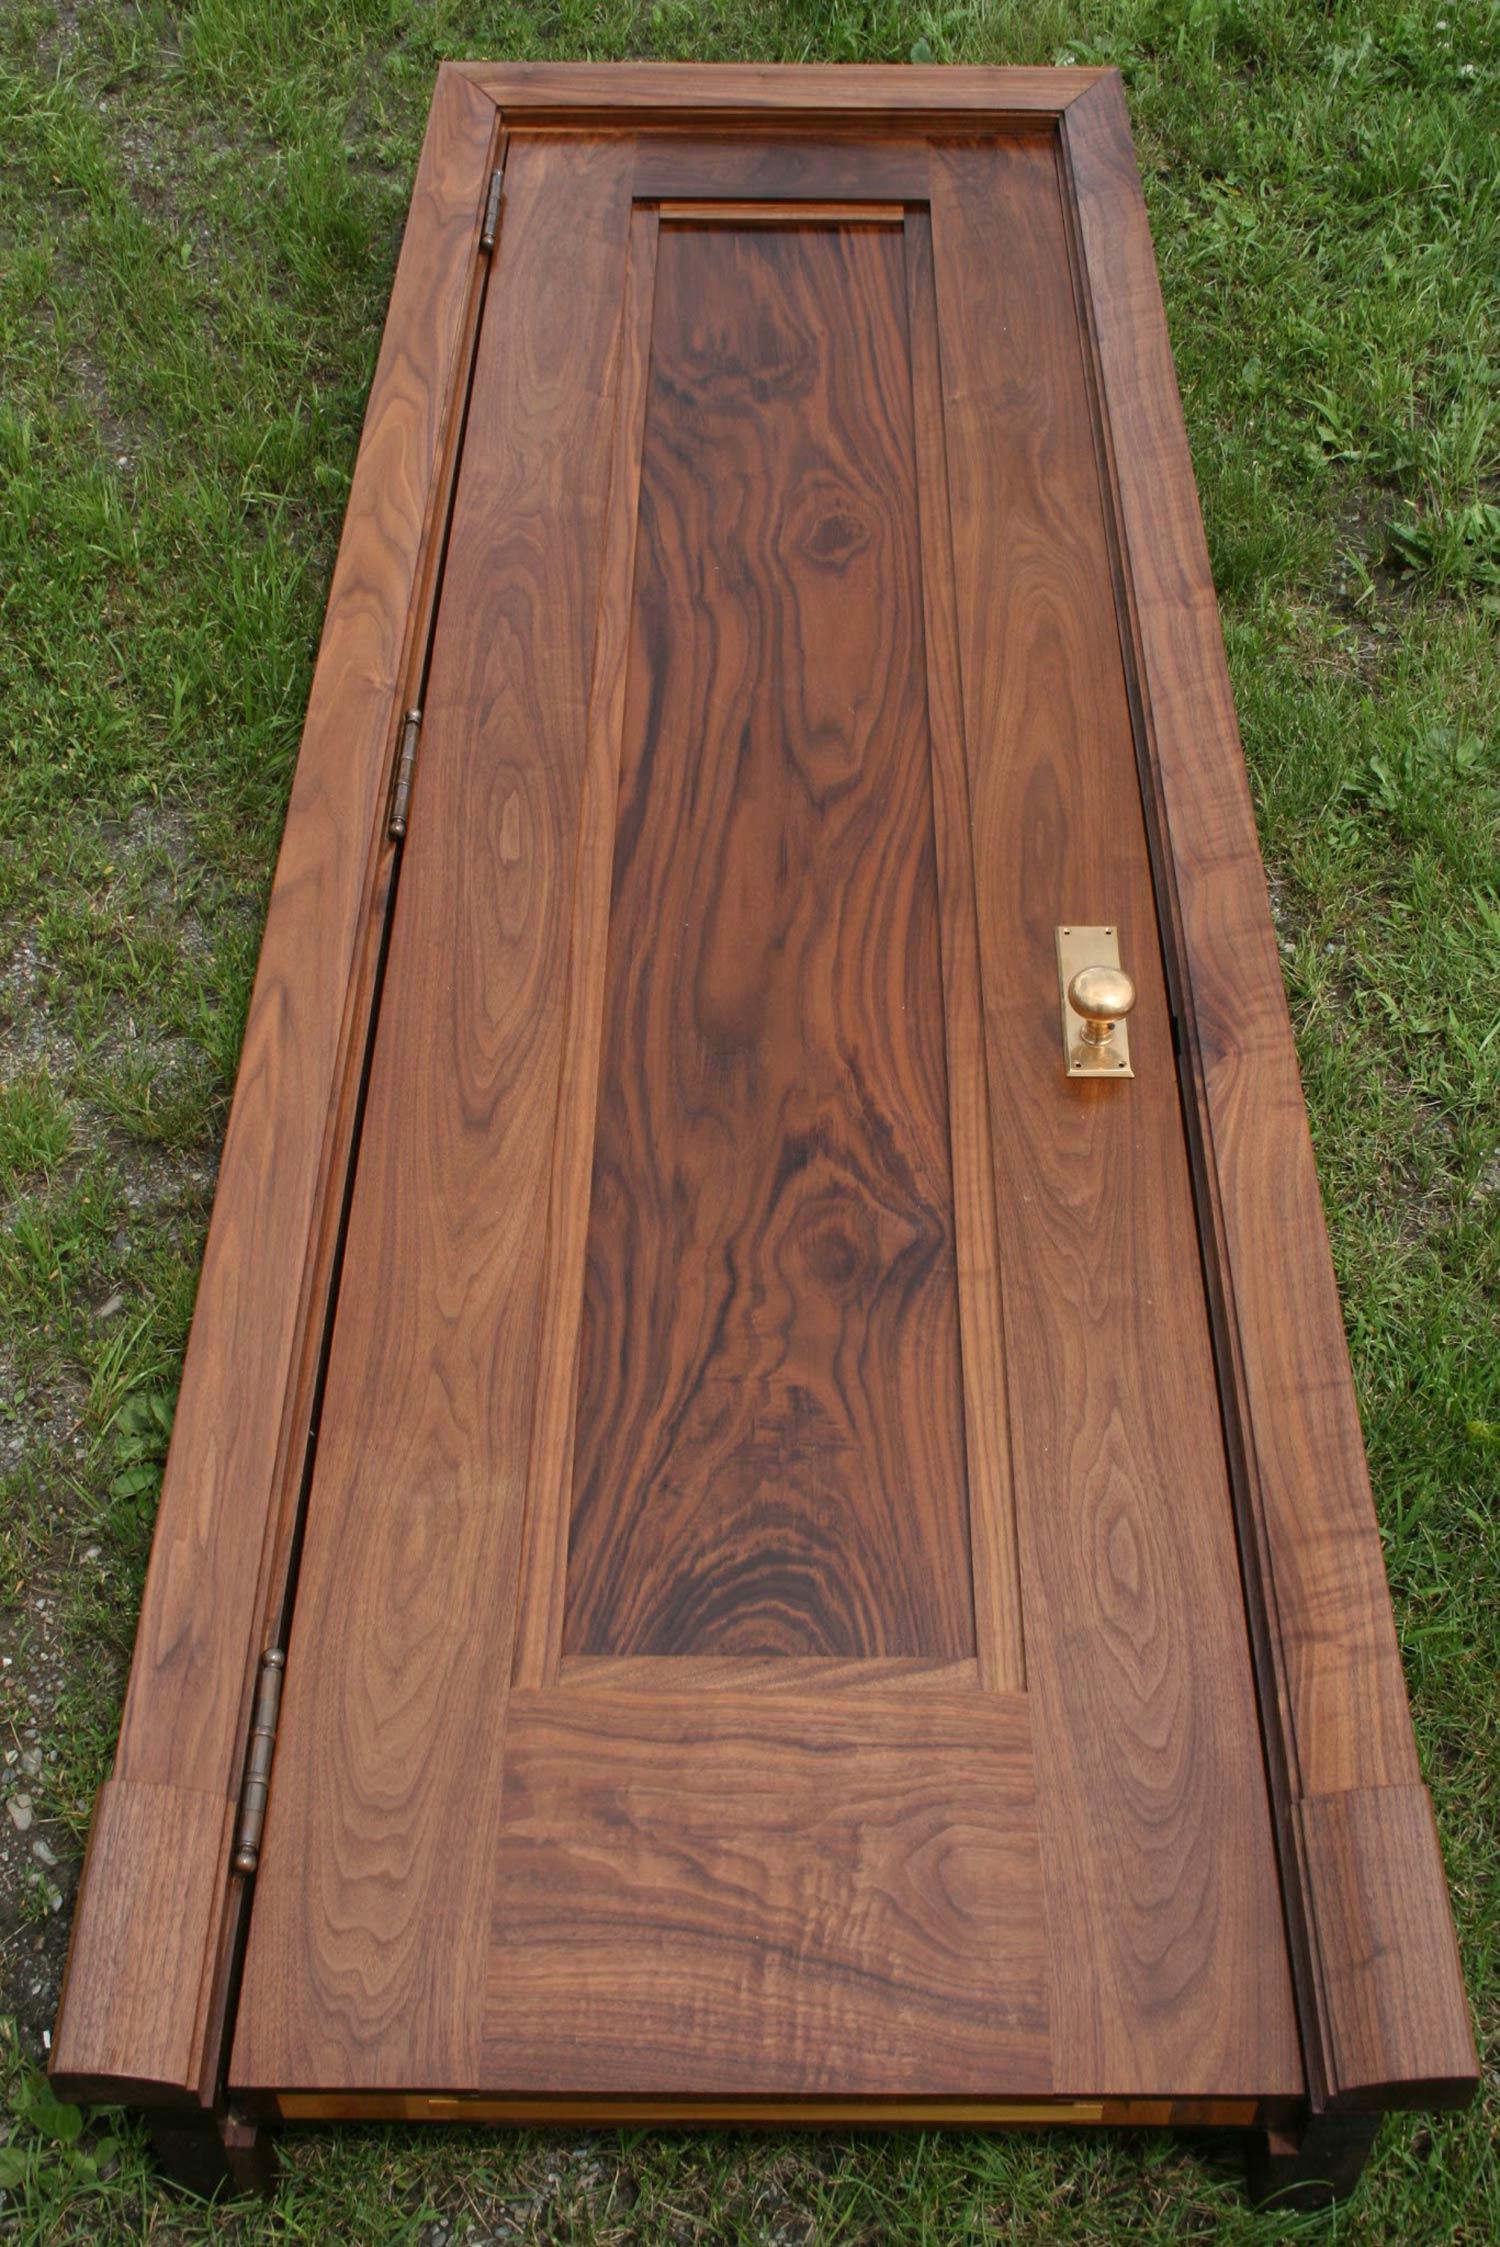 Whole walnut door built by Allan Shope